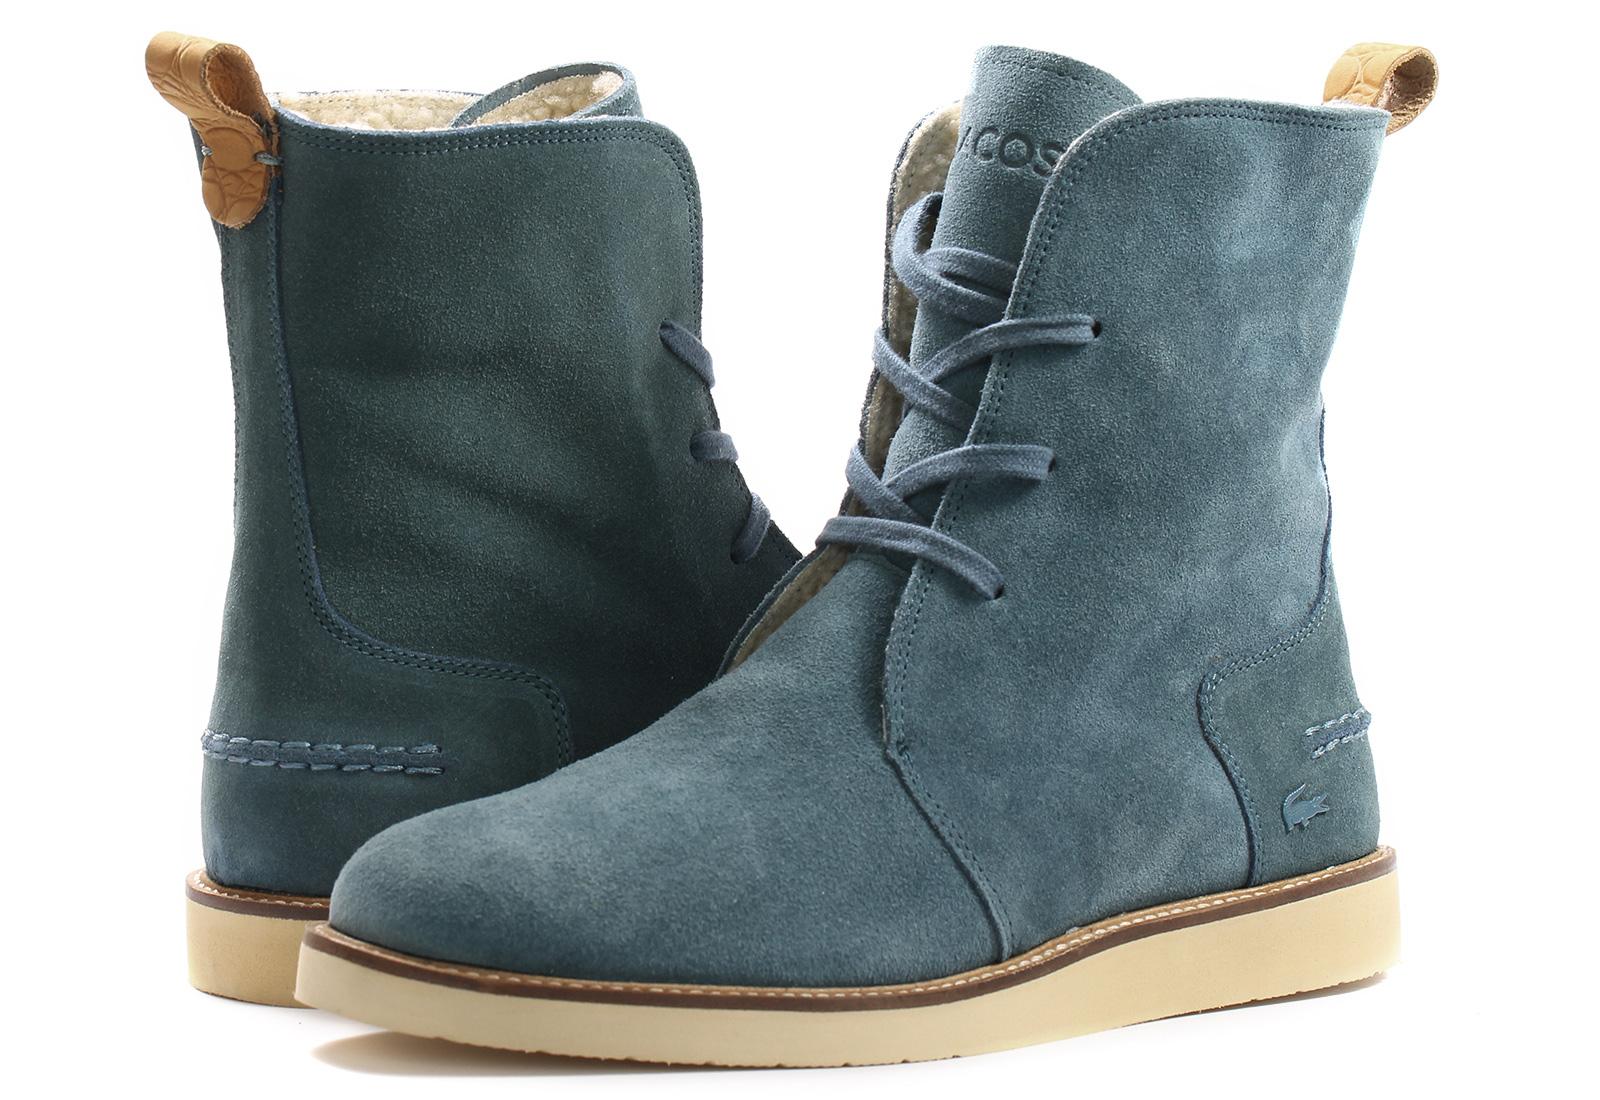 27 Elegant Lacoste Winter Boots For Women Sobatapkcom